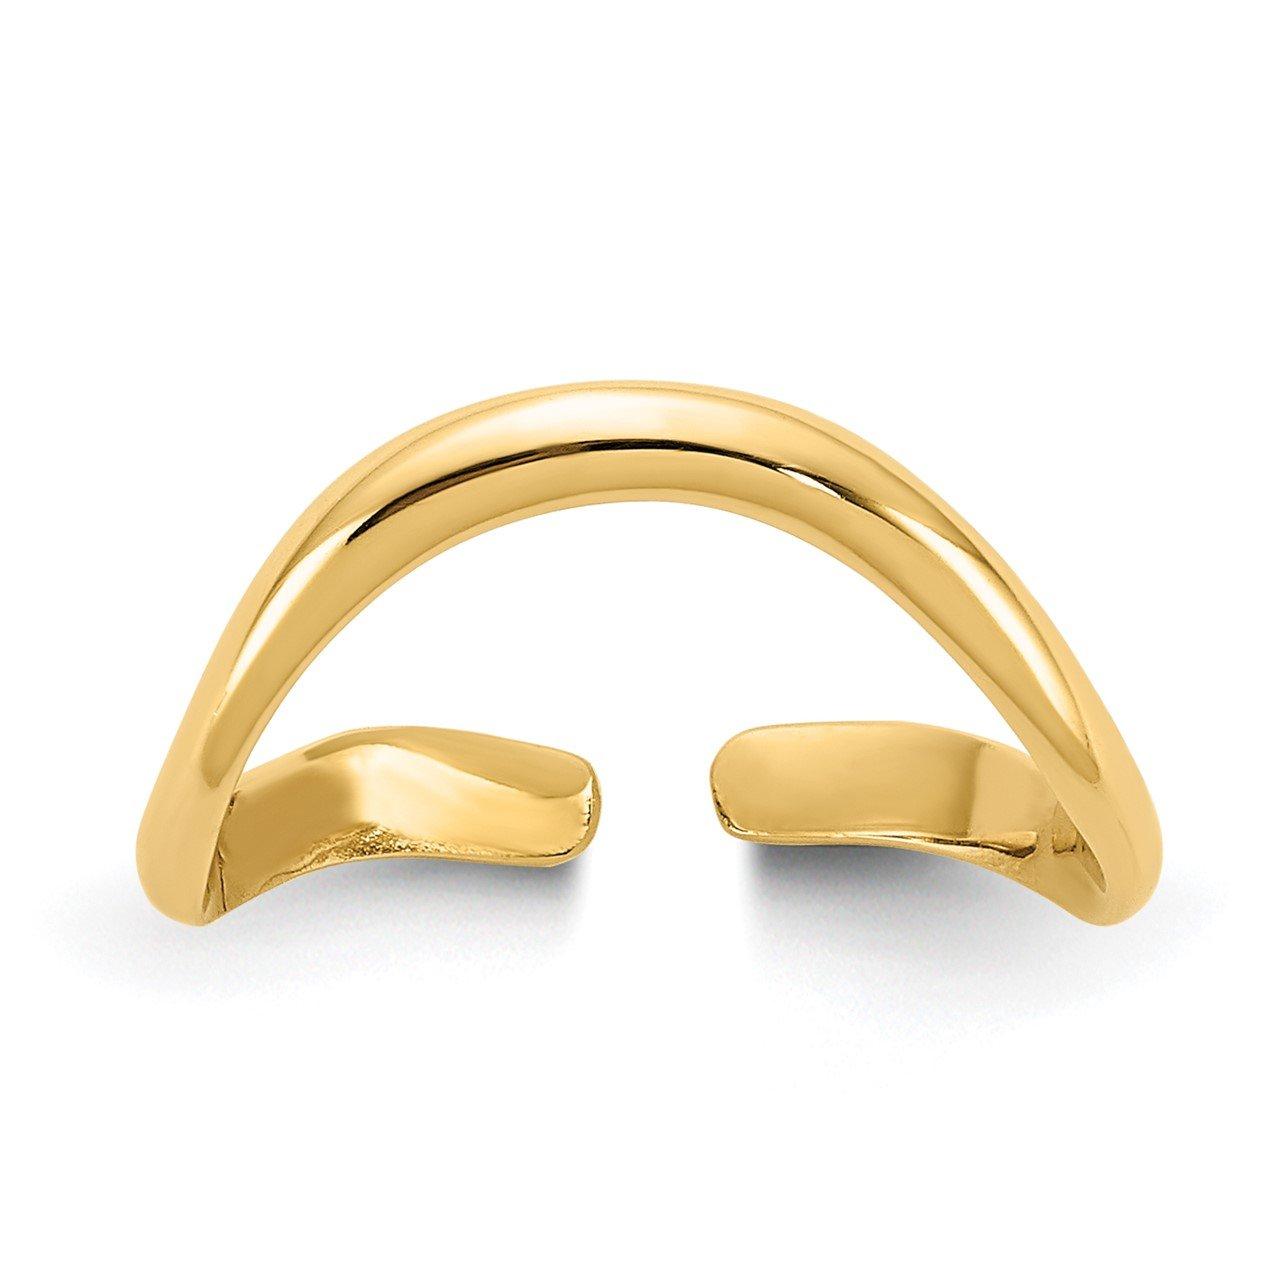 14k Polished Toe Ring